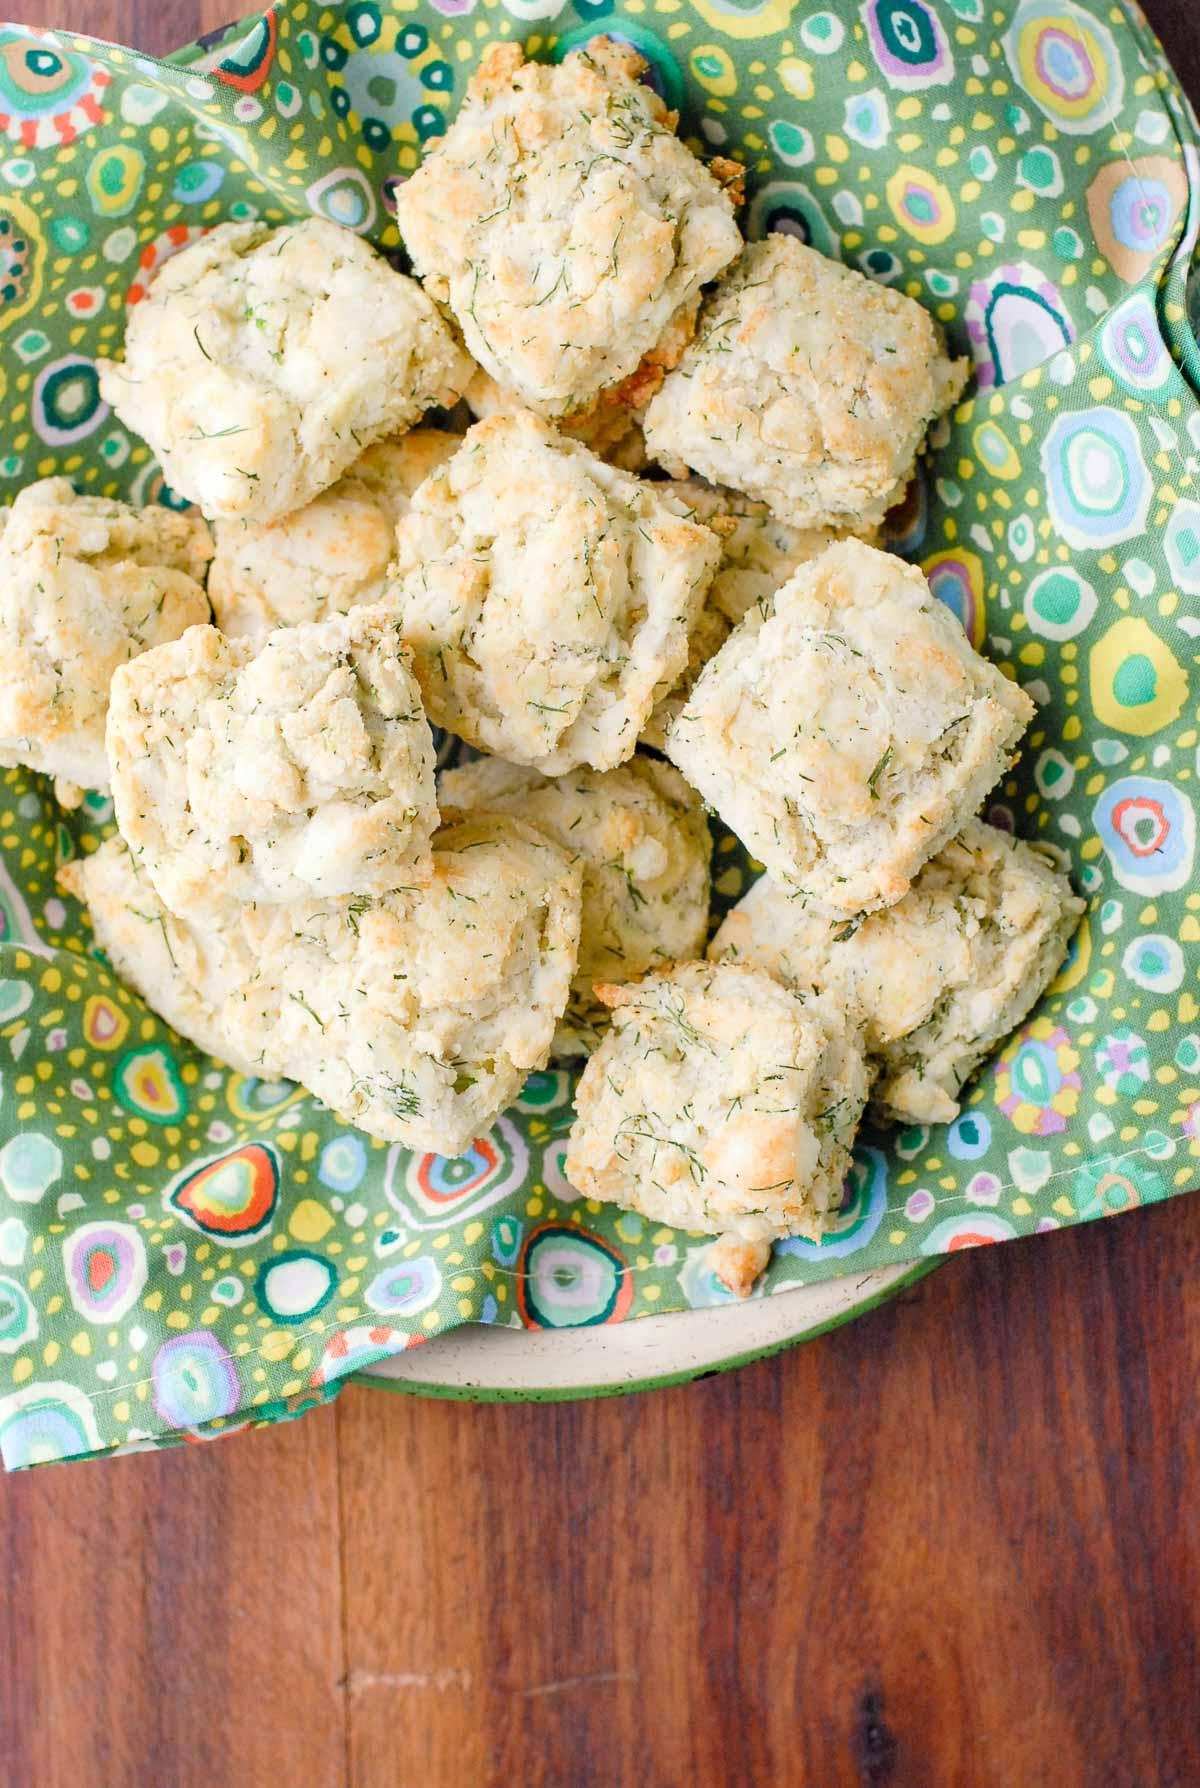 buttermilk biscuits in basket